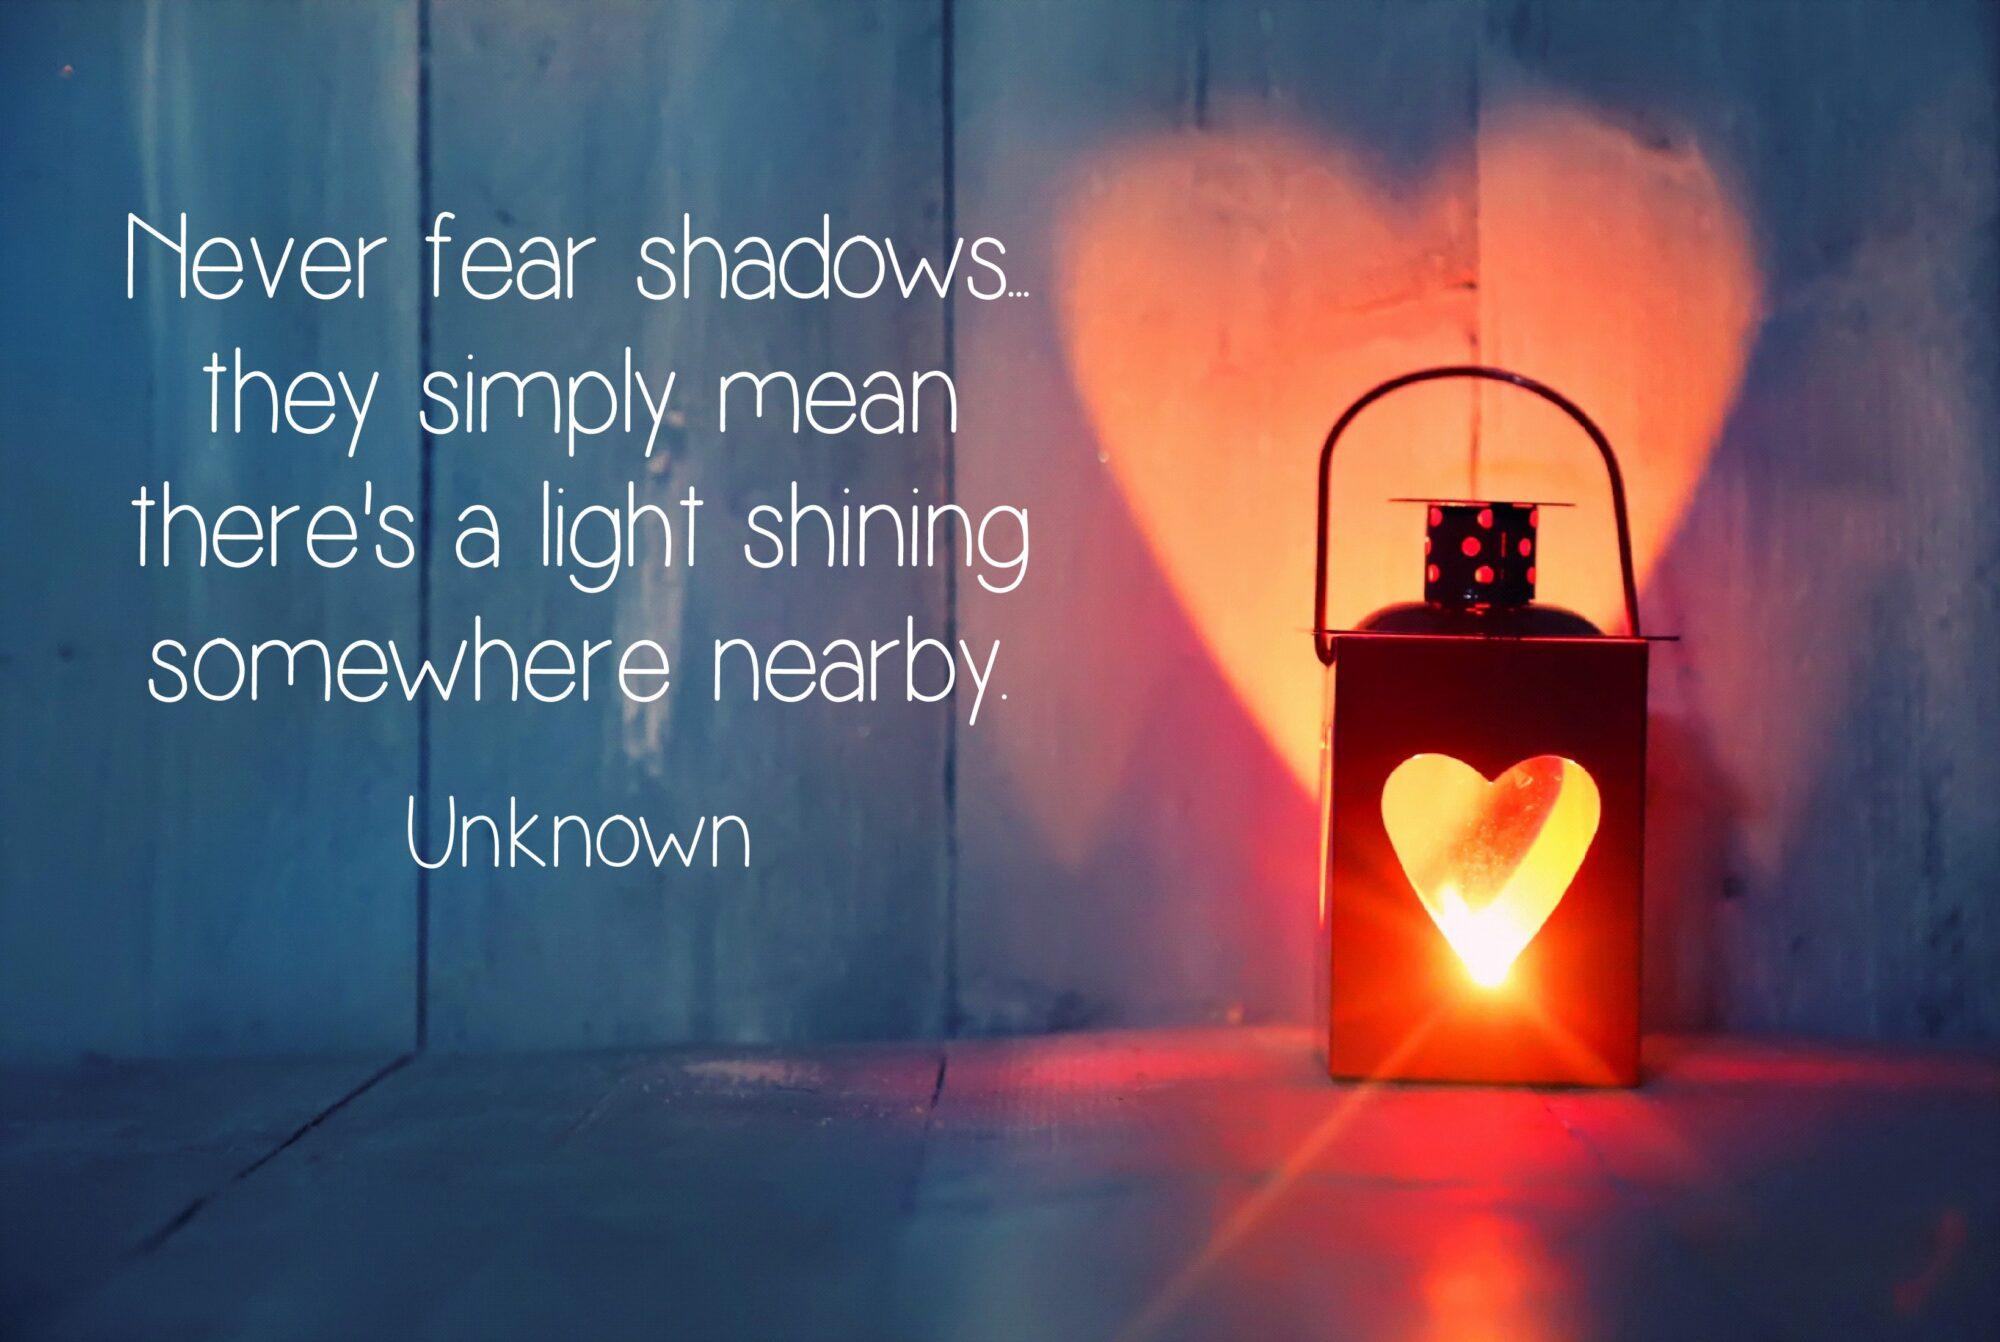 Never fear shadows